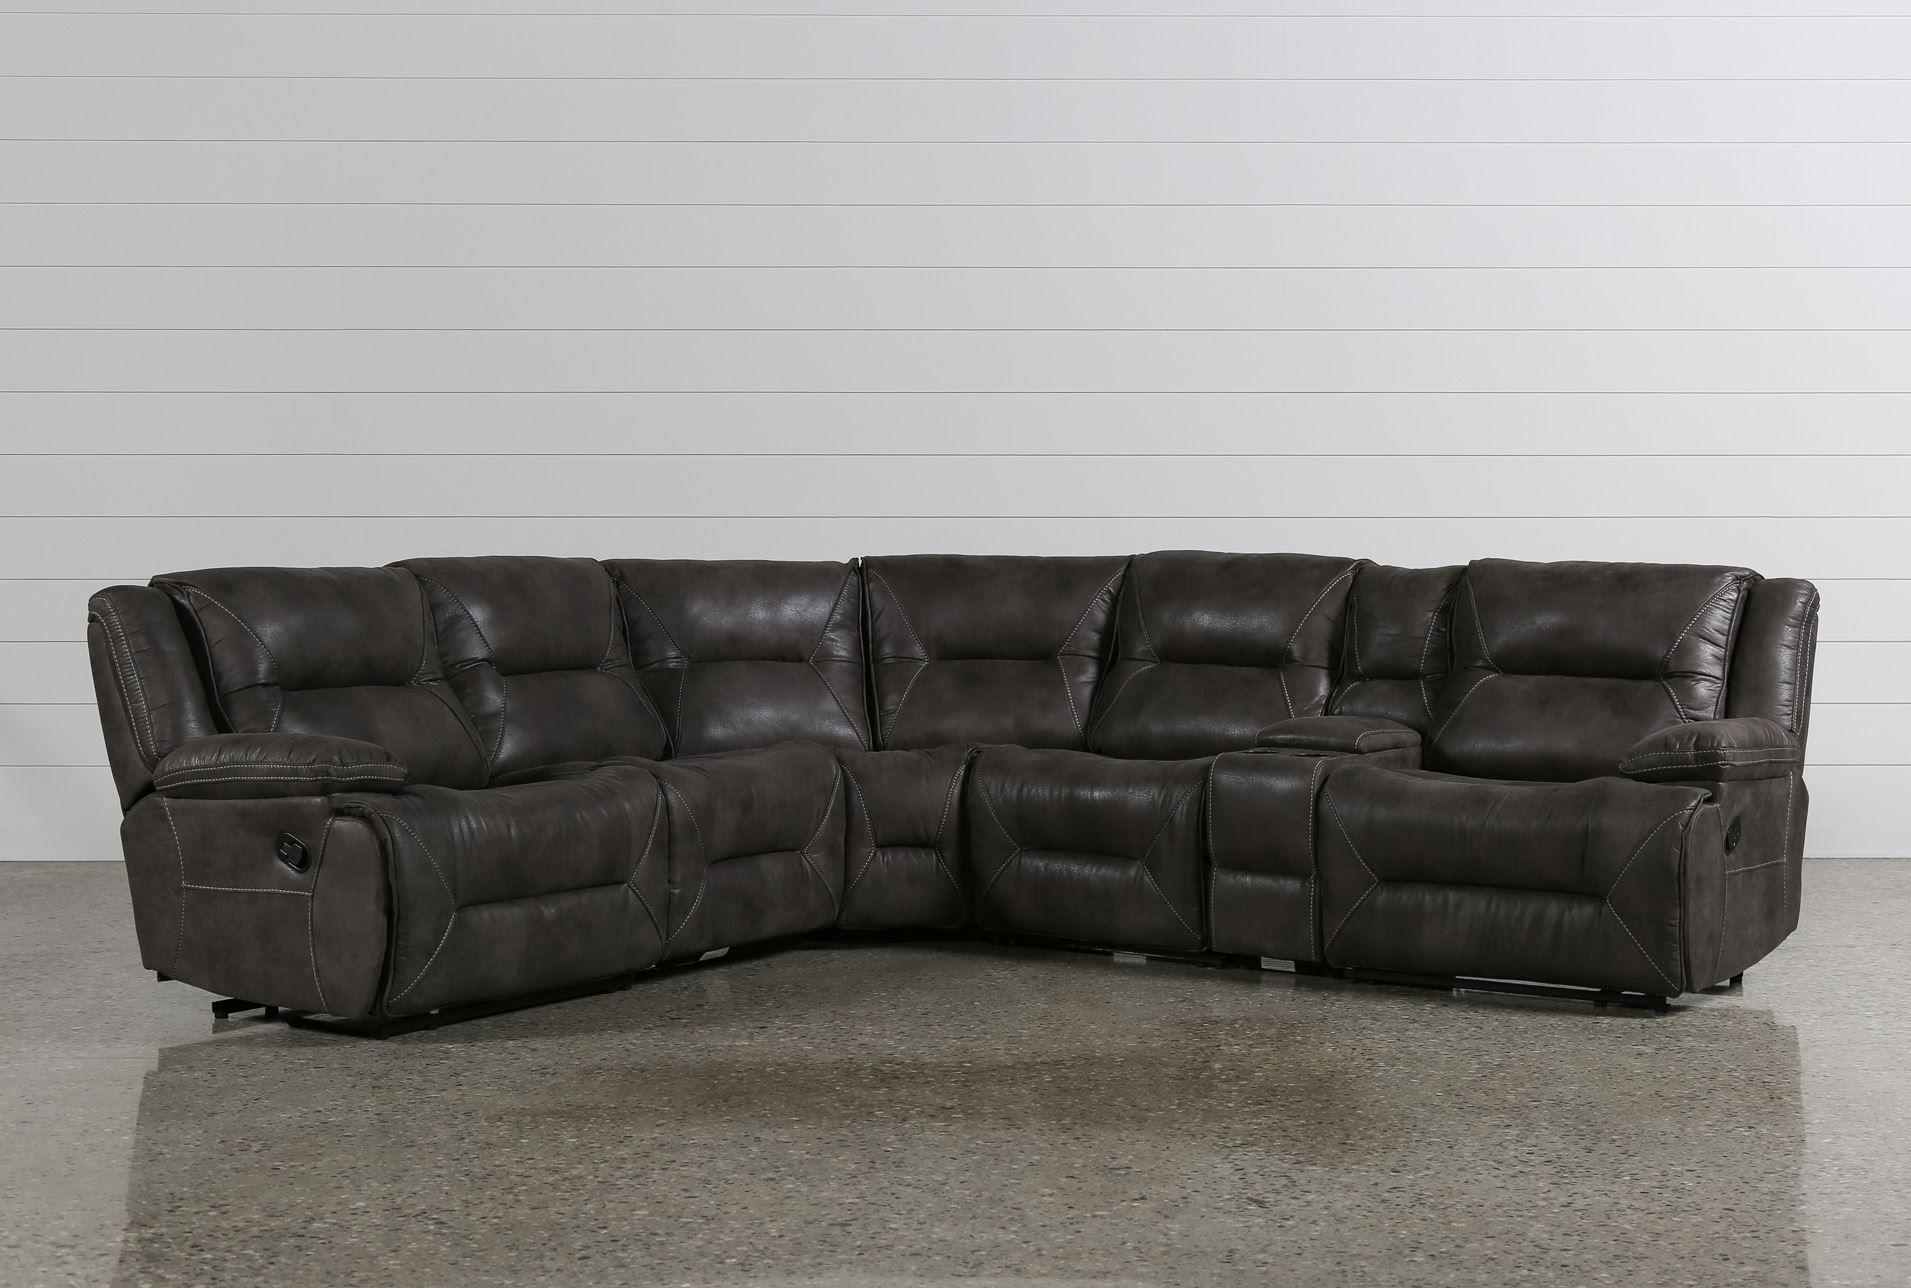 Calder 6 piece manual reclining sectional signature